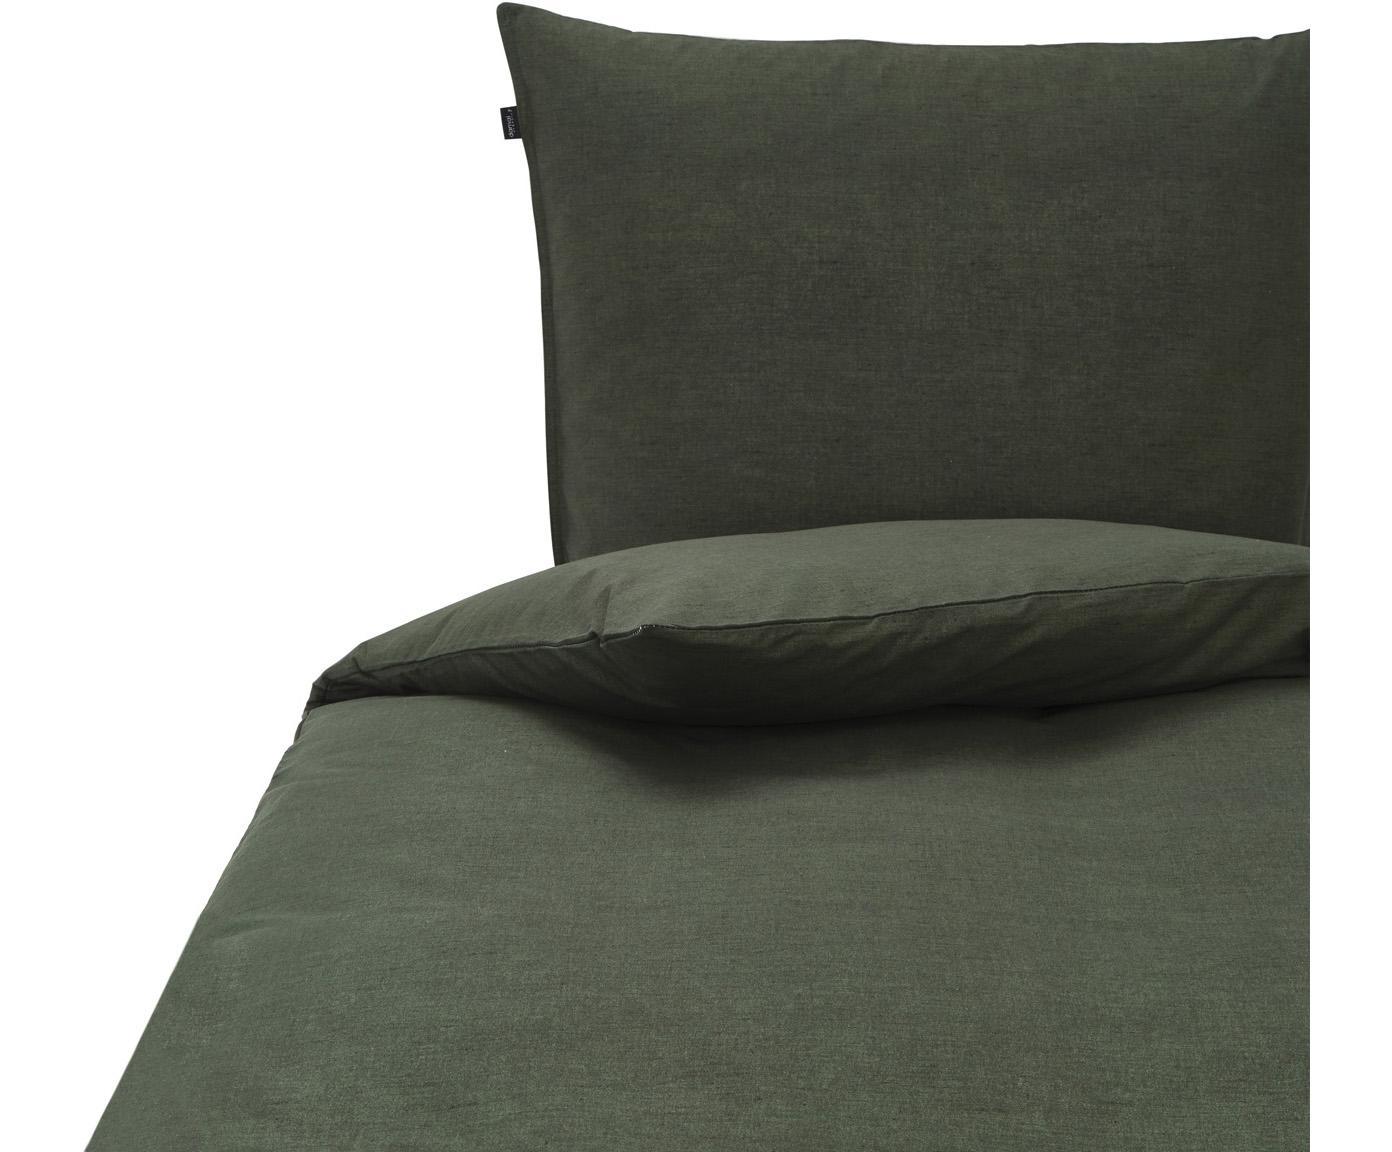 Bettwäsche Birk aus Bio-Baumwolle in Grün, 100% Bio-Baumwolle  Bettwäsche aus Baumwolle fühlt sich auf der Haut angenehm weich an, nimmt Feuchtigkeit gut auf und eignet sich für Allergiker., Grün, 135 x 200 cm + 1 Kissen 80 x 80 cm